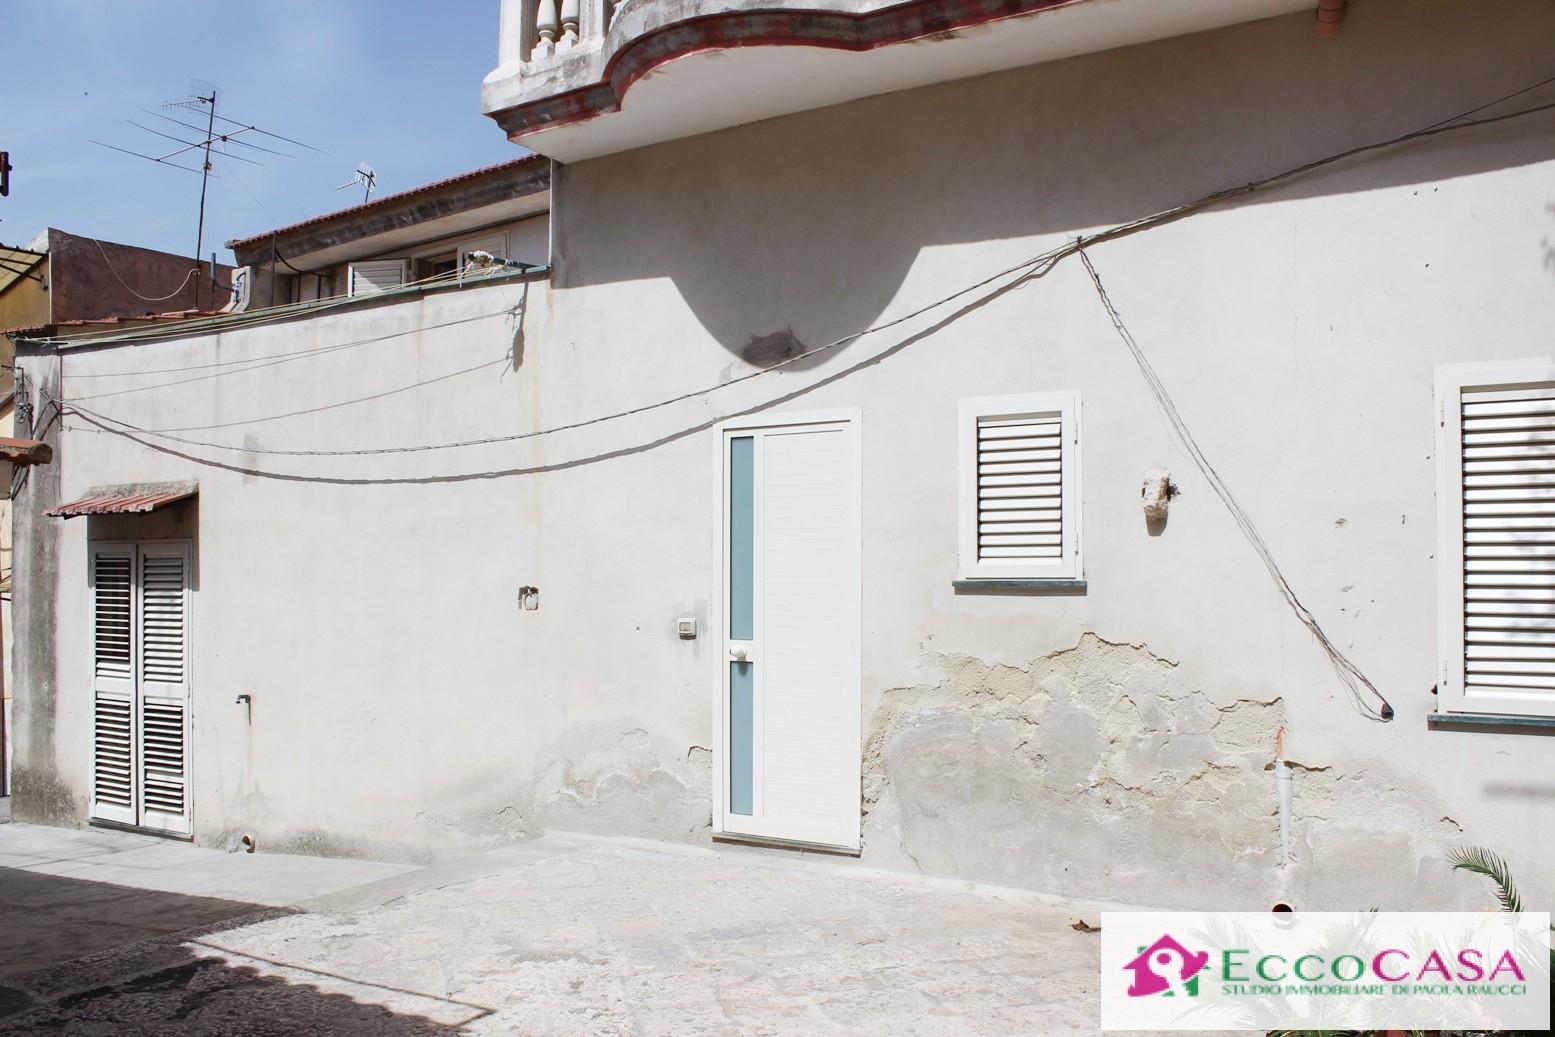 Appartamento in vendita a Maddaloni, 3 locali, prezzo € 48.000 | Cambio Casa.it